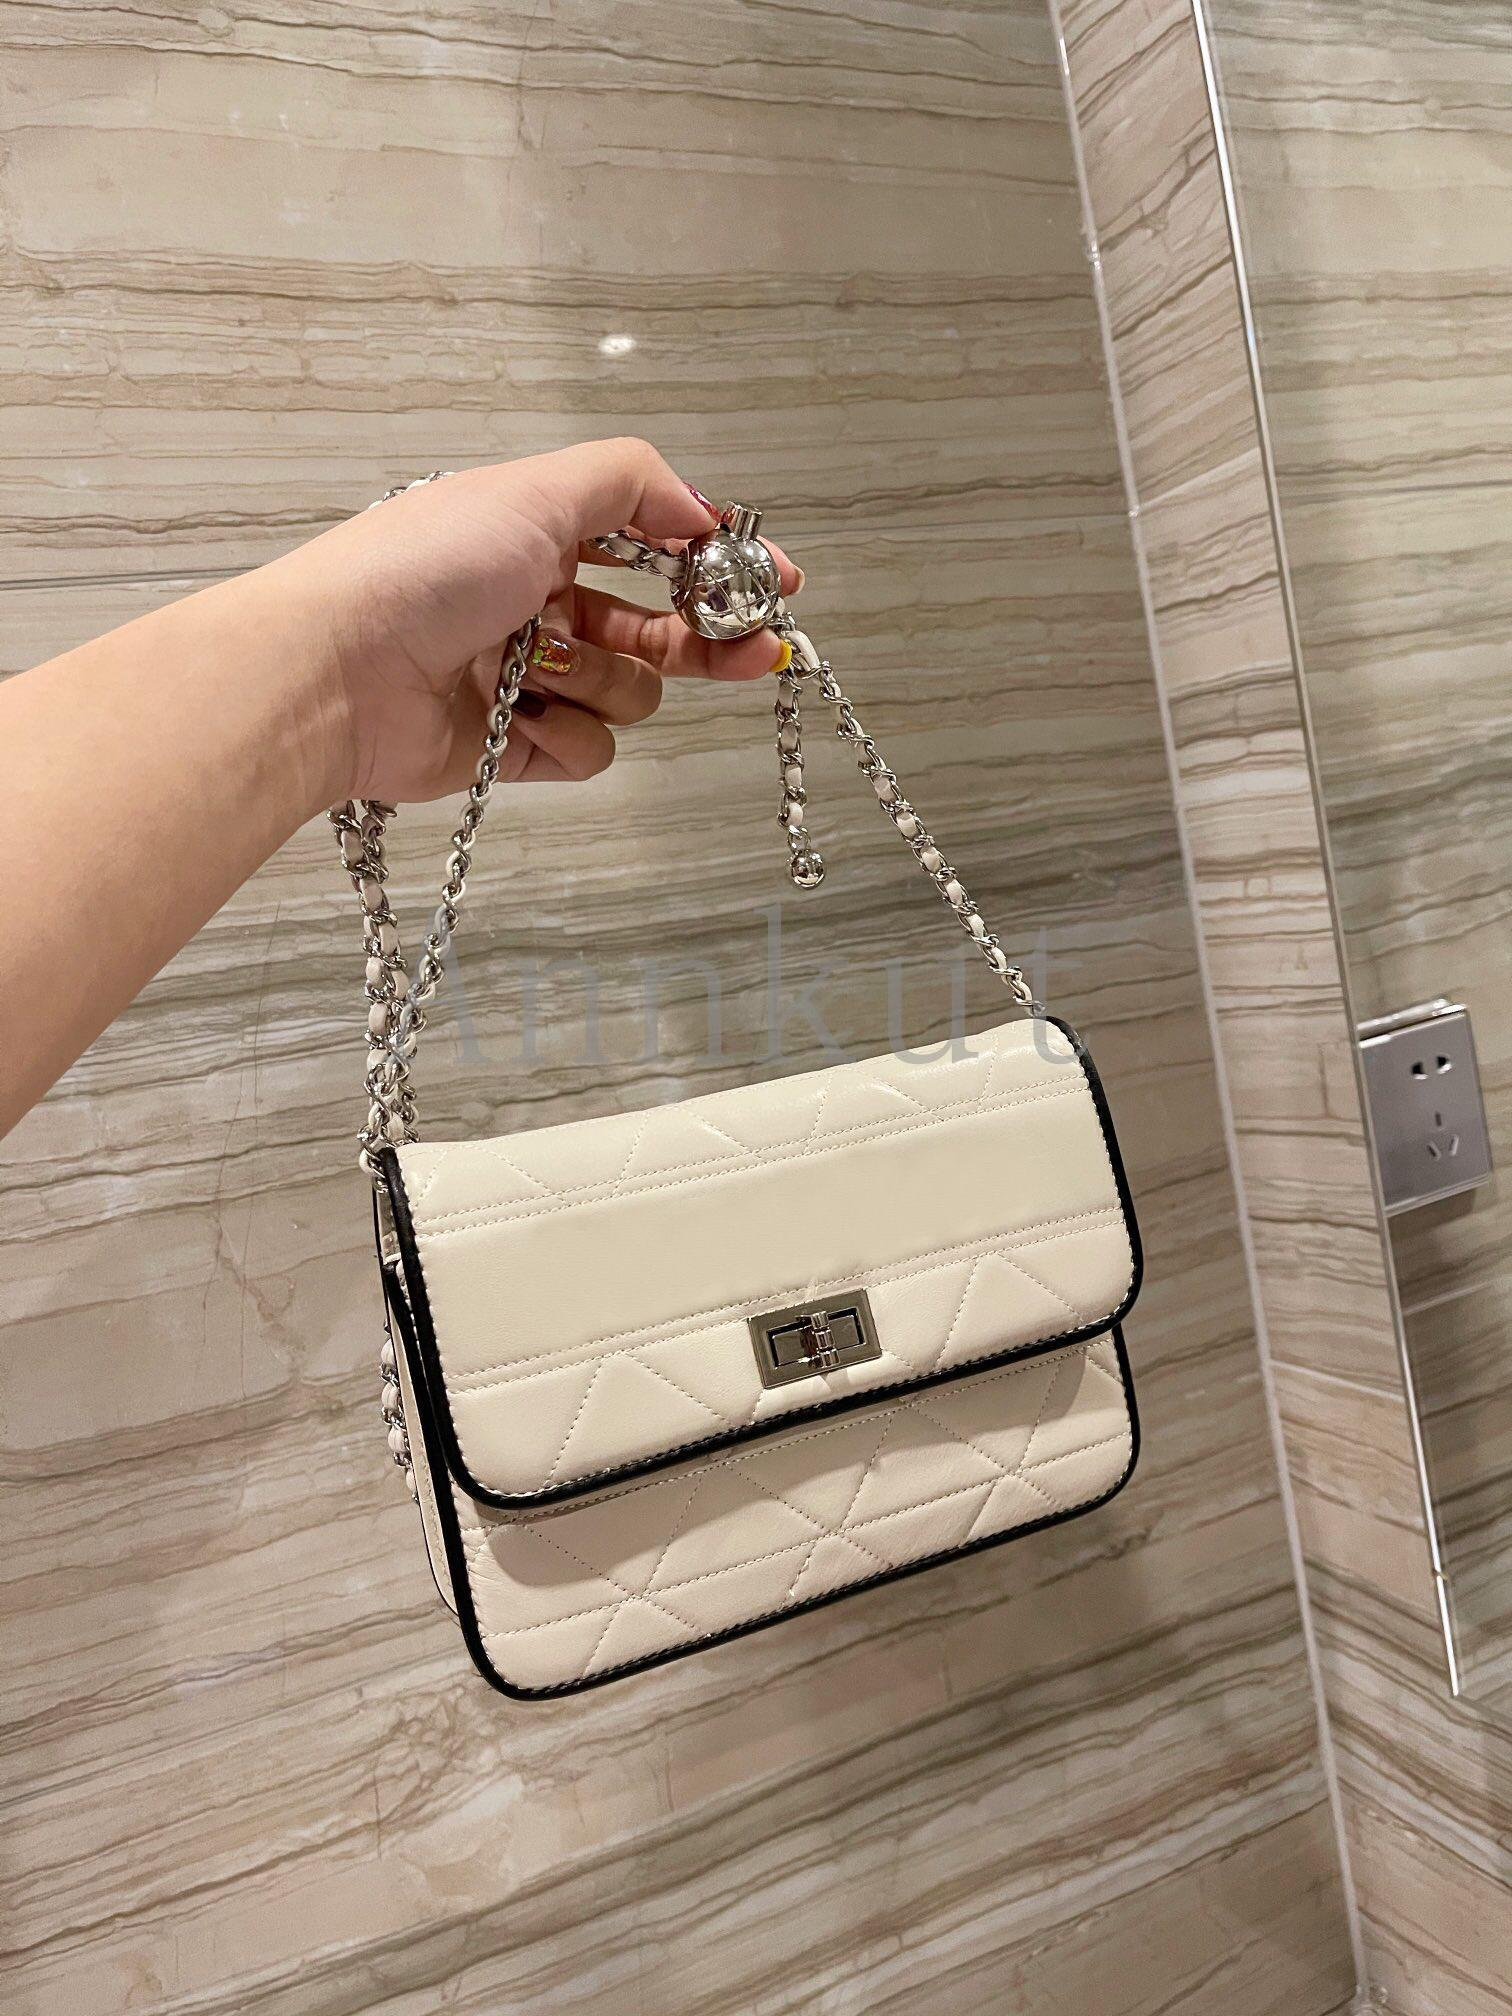 المرأة أكياس السلسلة المعدنية WOC، جلد طبيعي رسول حقيبة يد الكتف ماركة أزياء التسوق سيدة محفظة